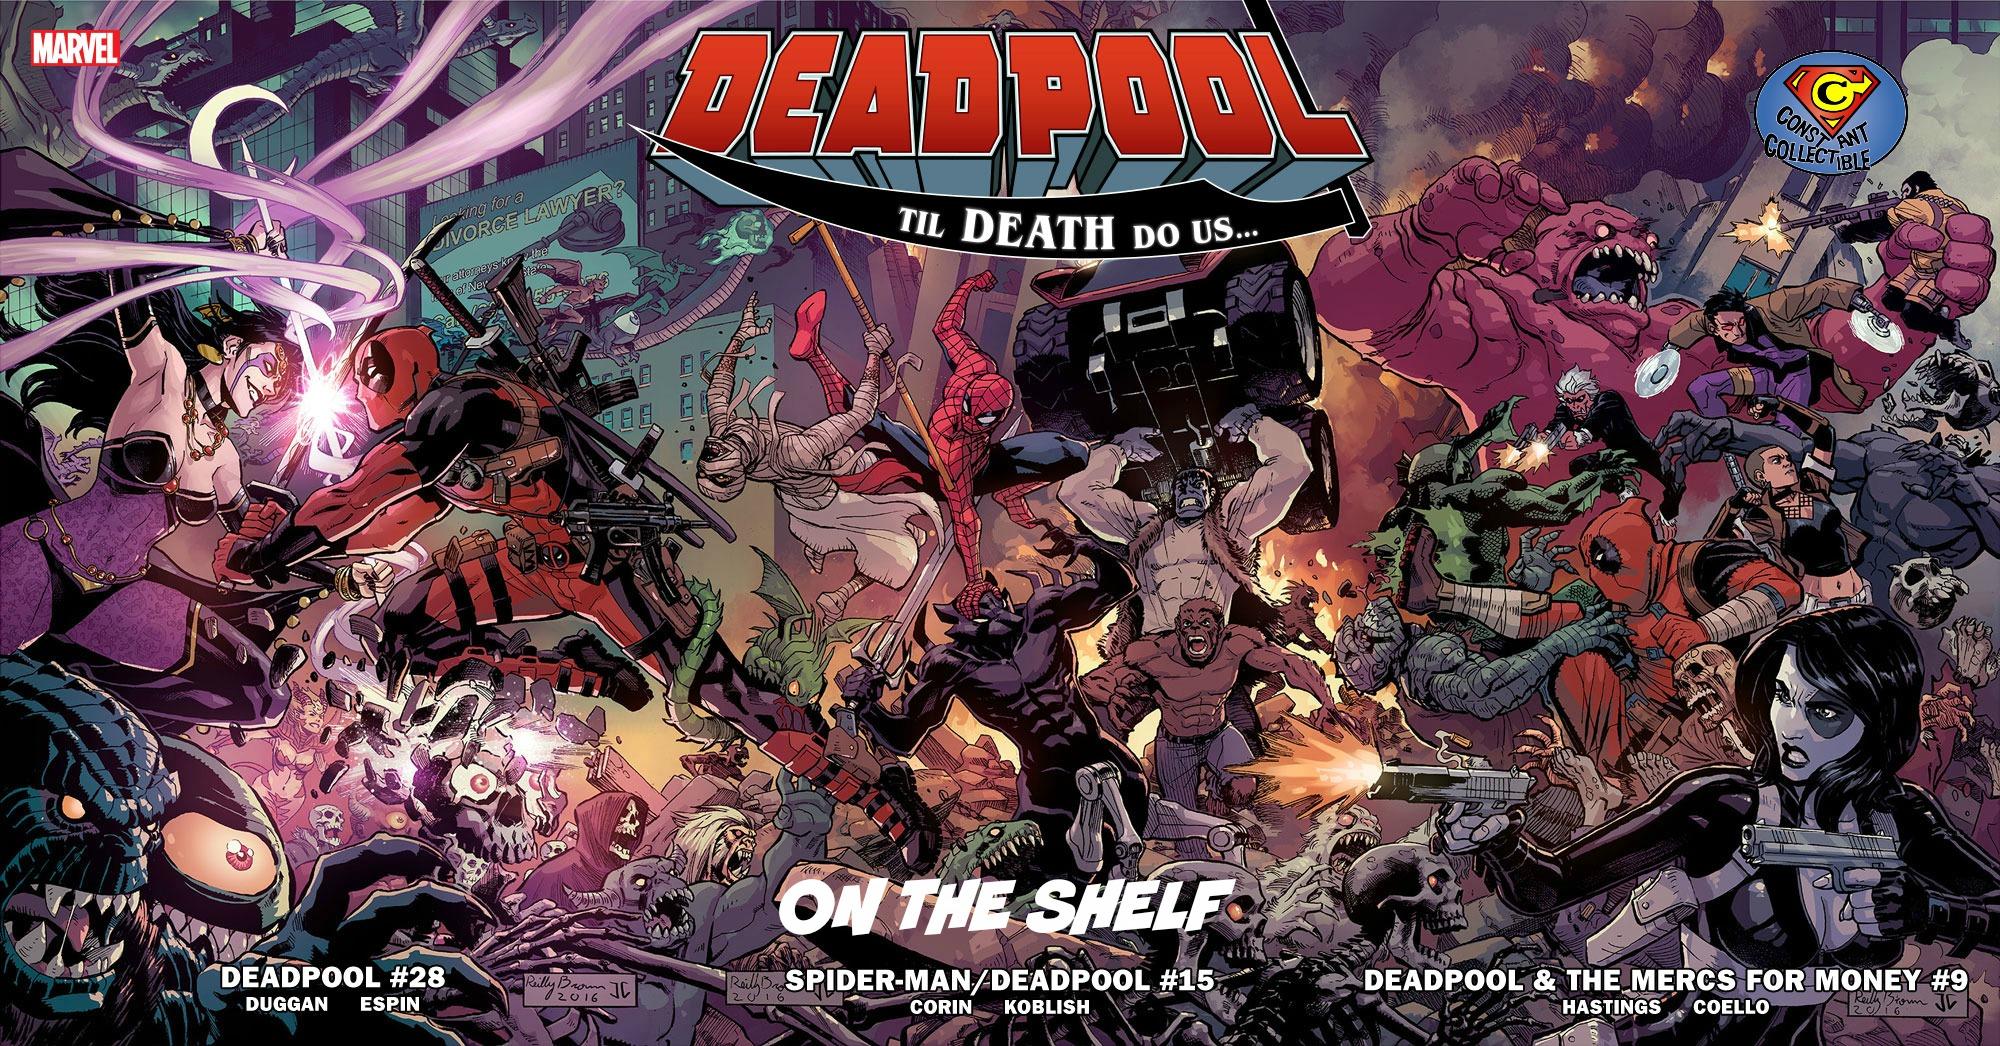 Deadpool_Till_Death_Do_Us_Parts_1-3 OTS.jpg